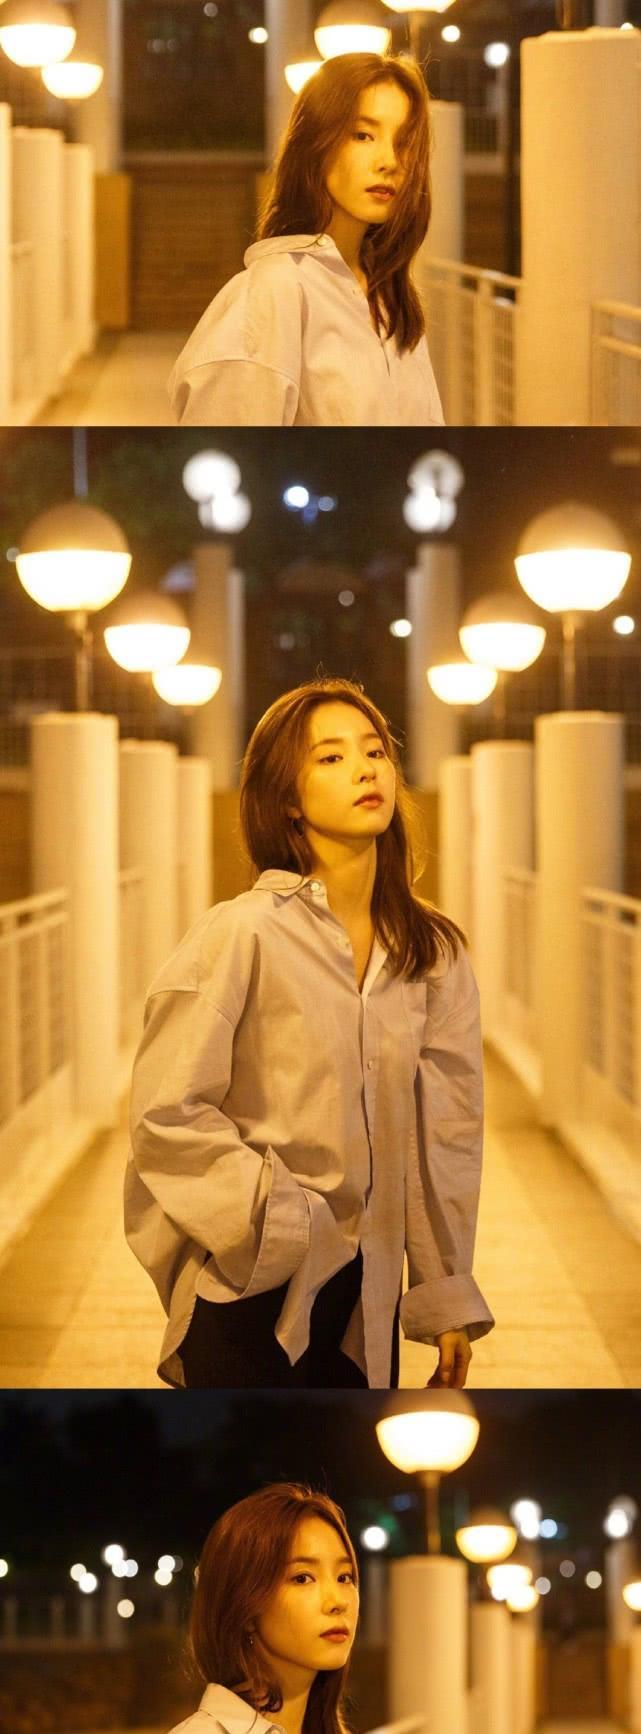 美人申世景的香港旅行,真是非常的美丽动人